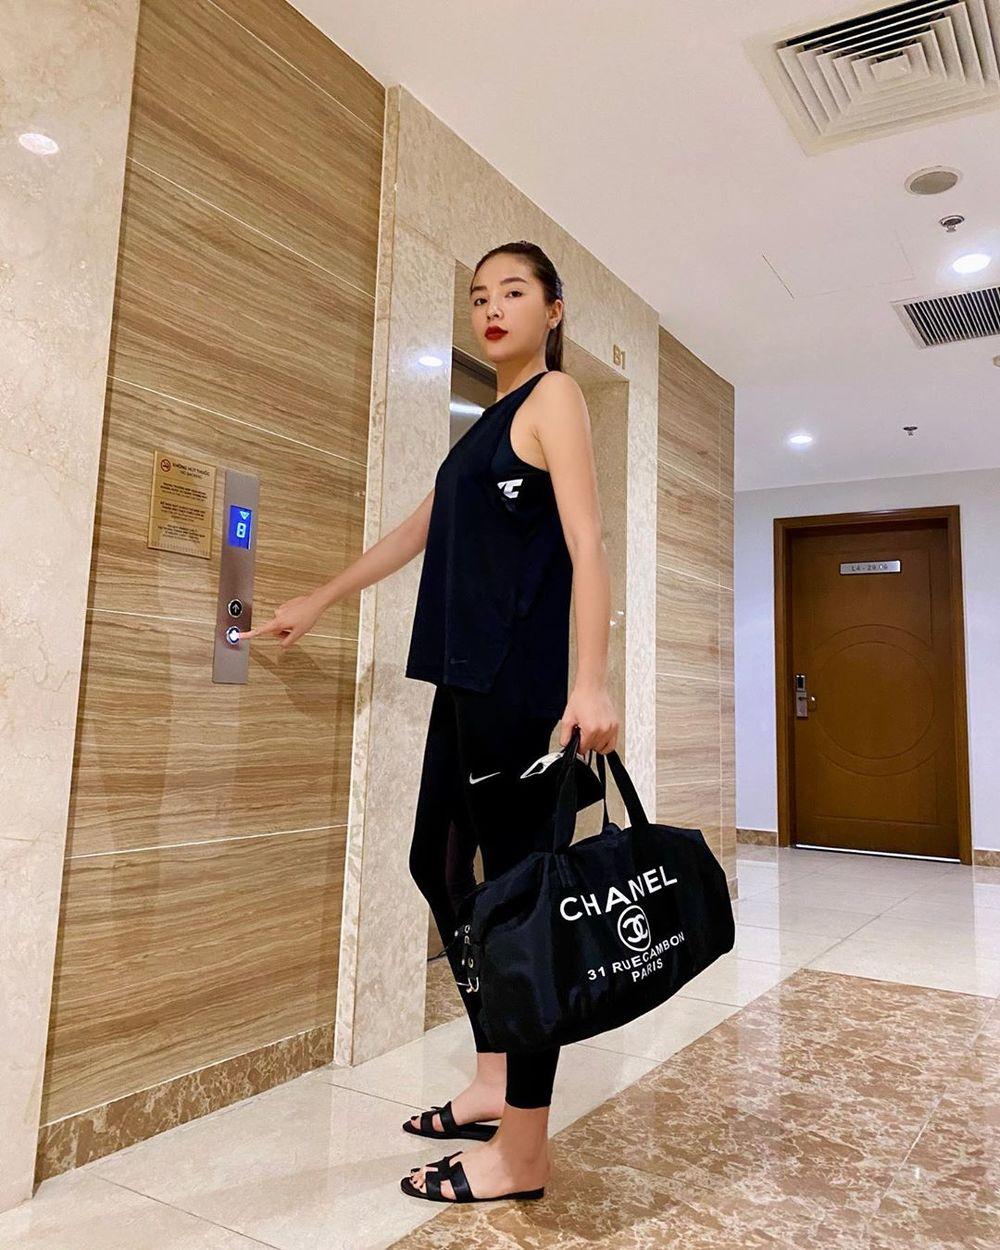 Bộ đồ tập gym của Kỳ Duyên tưởng đơn giản nhưng cũng có sự hóp mặt của loạt phụ kiện giá trên trời, rẻ nhất là đôi dép lê Hermes hơn 15 triệu, trên tay là túi Chanel vải dù dáng thể thao giá gần 100 triệu.